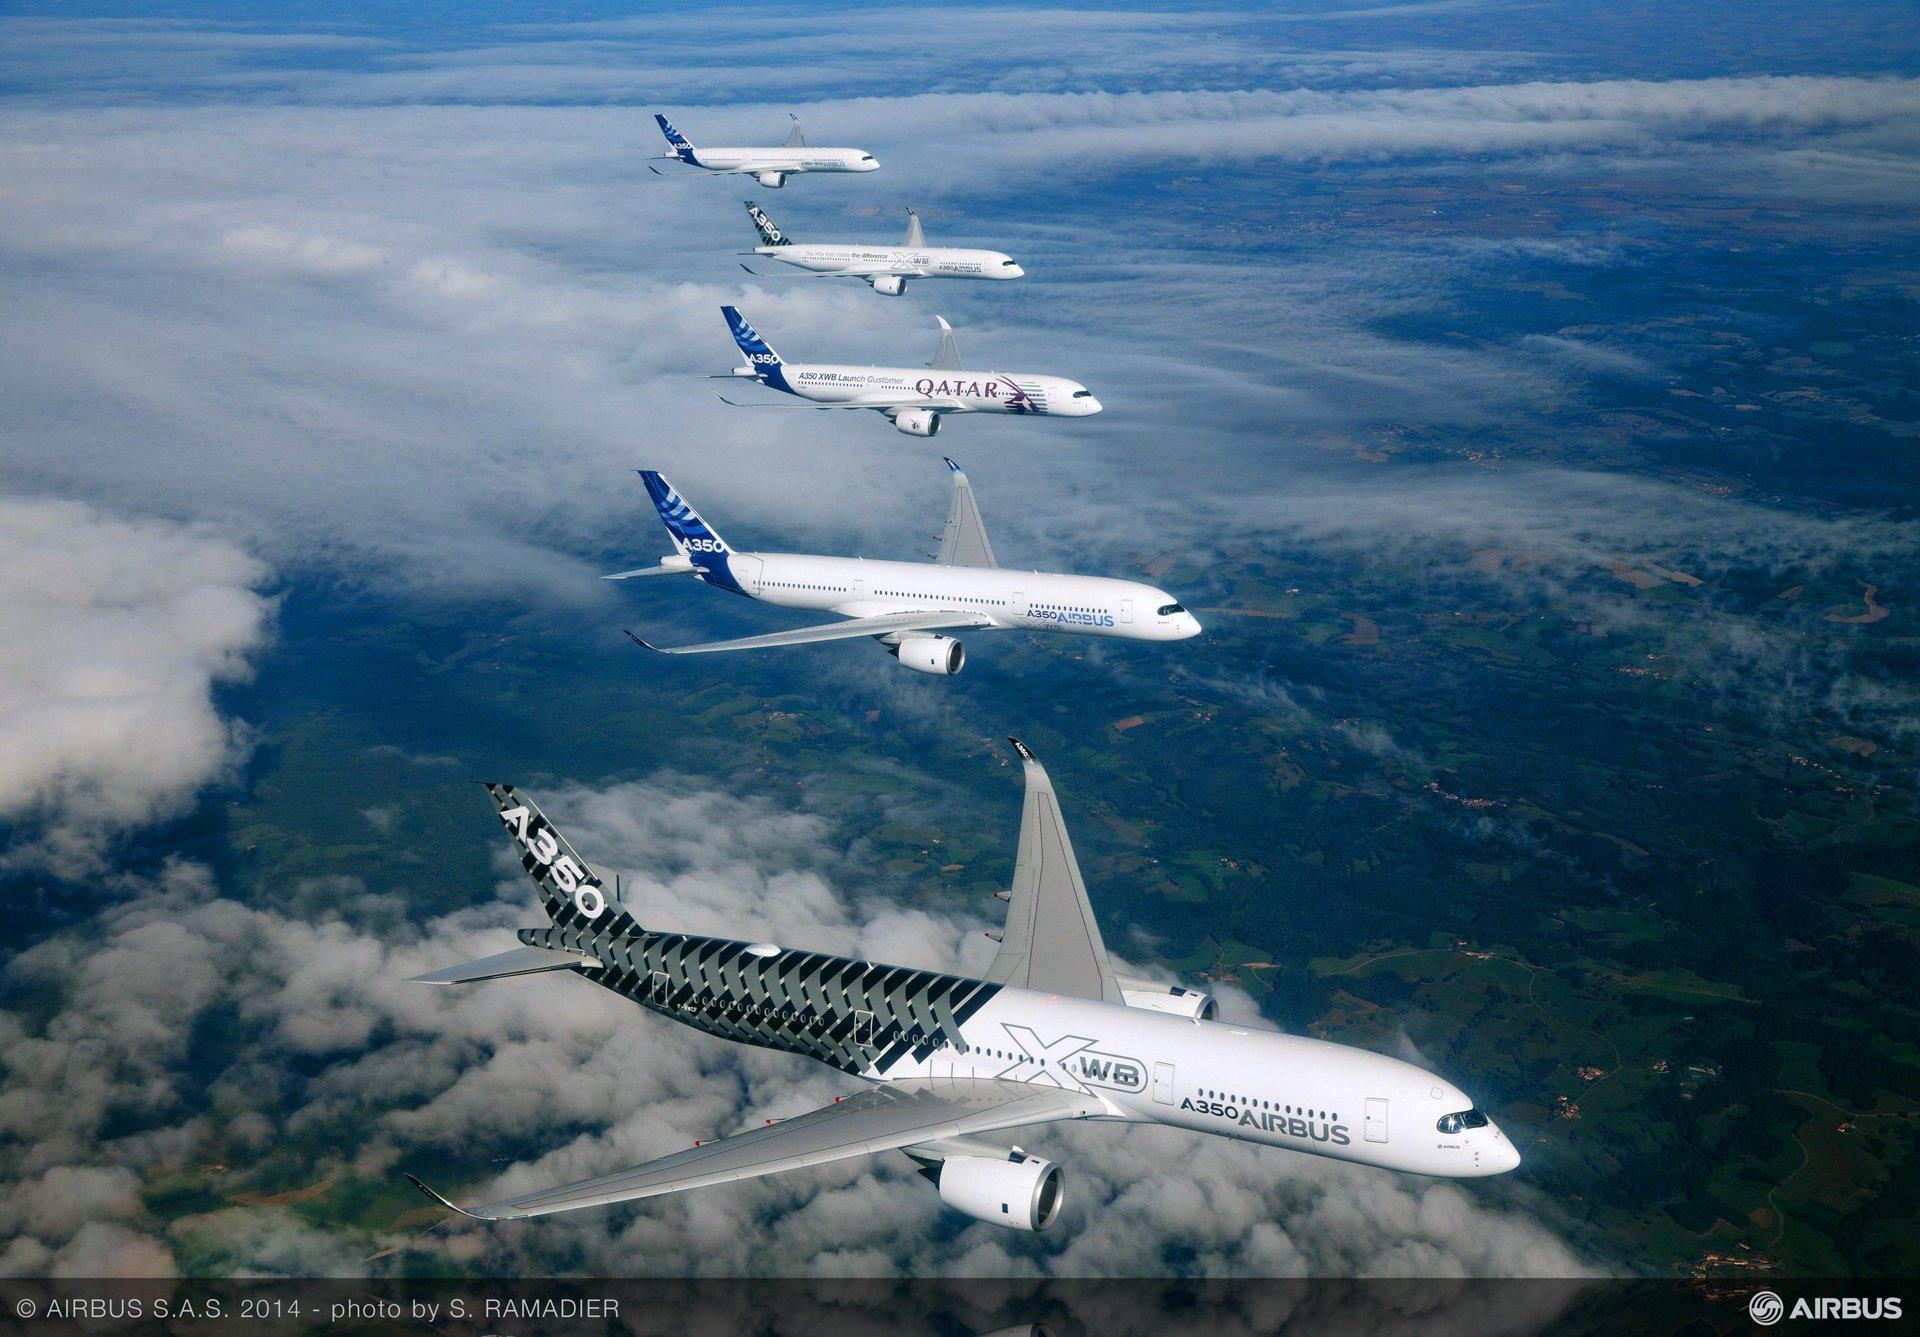 A350 XWB – Test aircraft formation flight 1